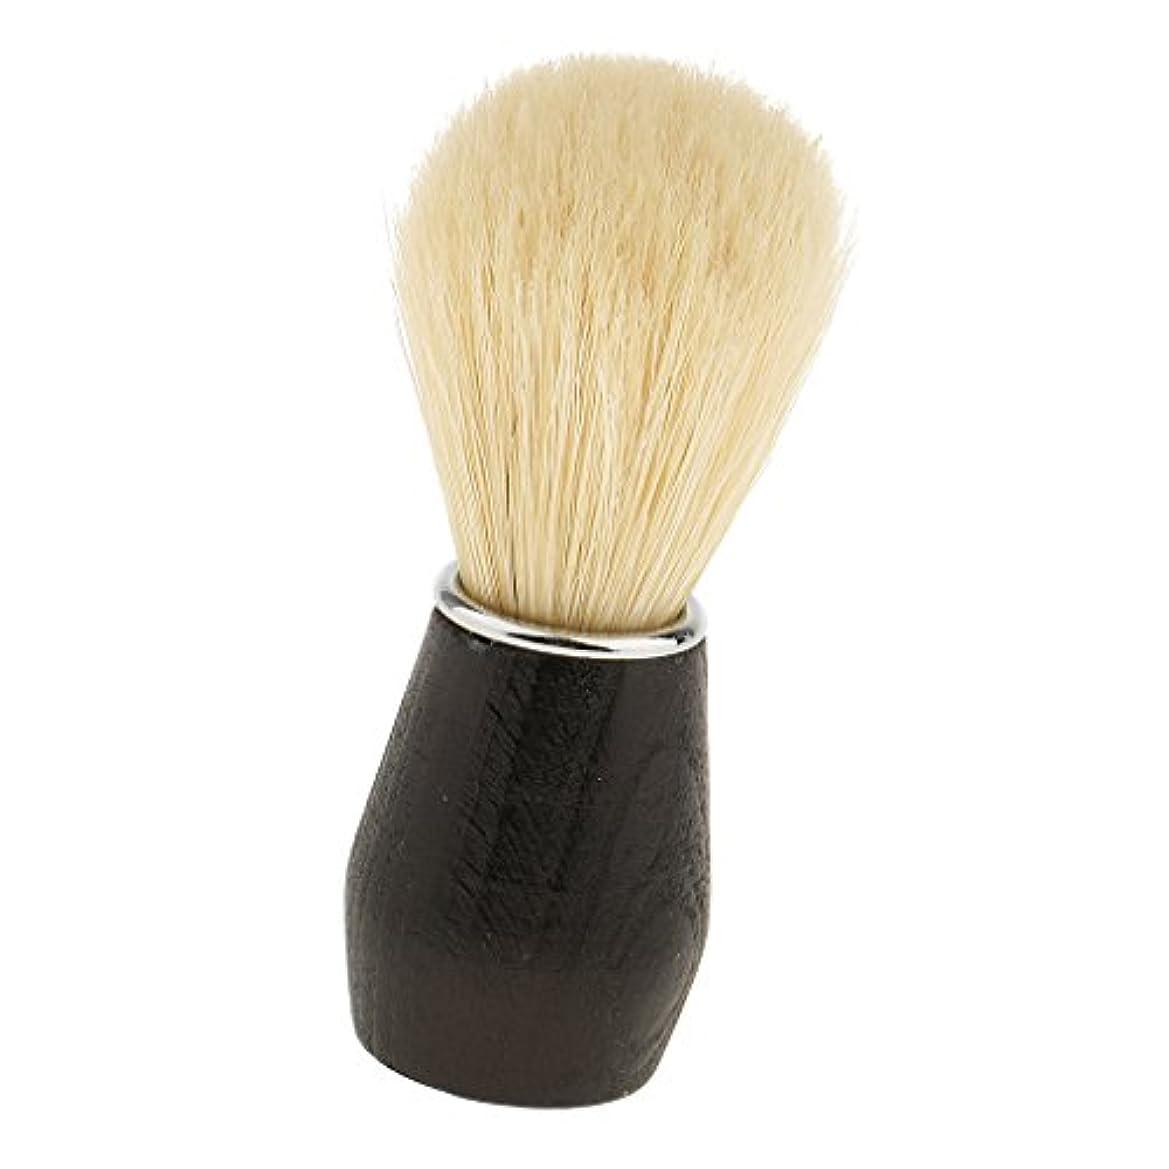 ポーズ刺激する蒸Baosity 父のギフト ソフト 実用的 プロフェッショナル バーバーサロン家庭用 ひげ剃りブラシ プラスチックハンドル フェイシャルクリーニングブラシ ブラック